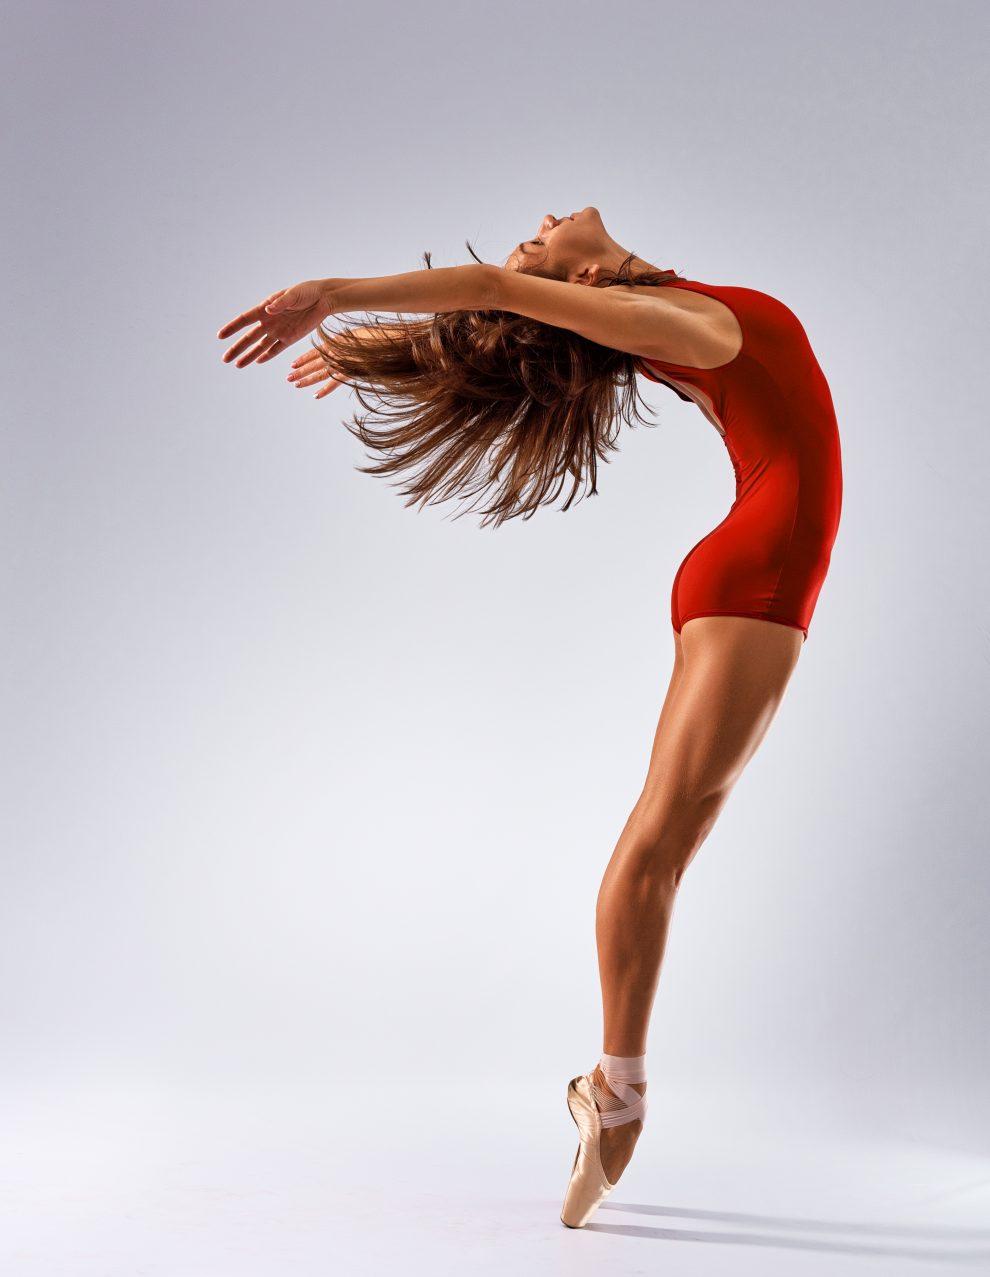 Χορός και μυοσκελετικά προβλήματα